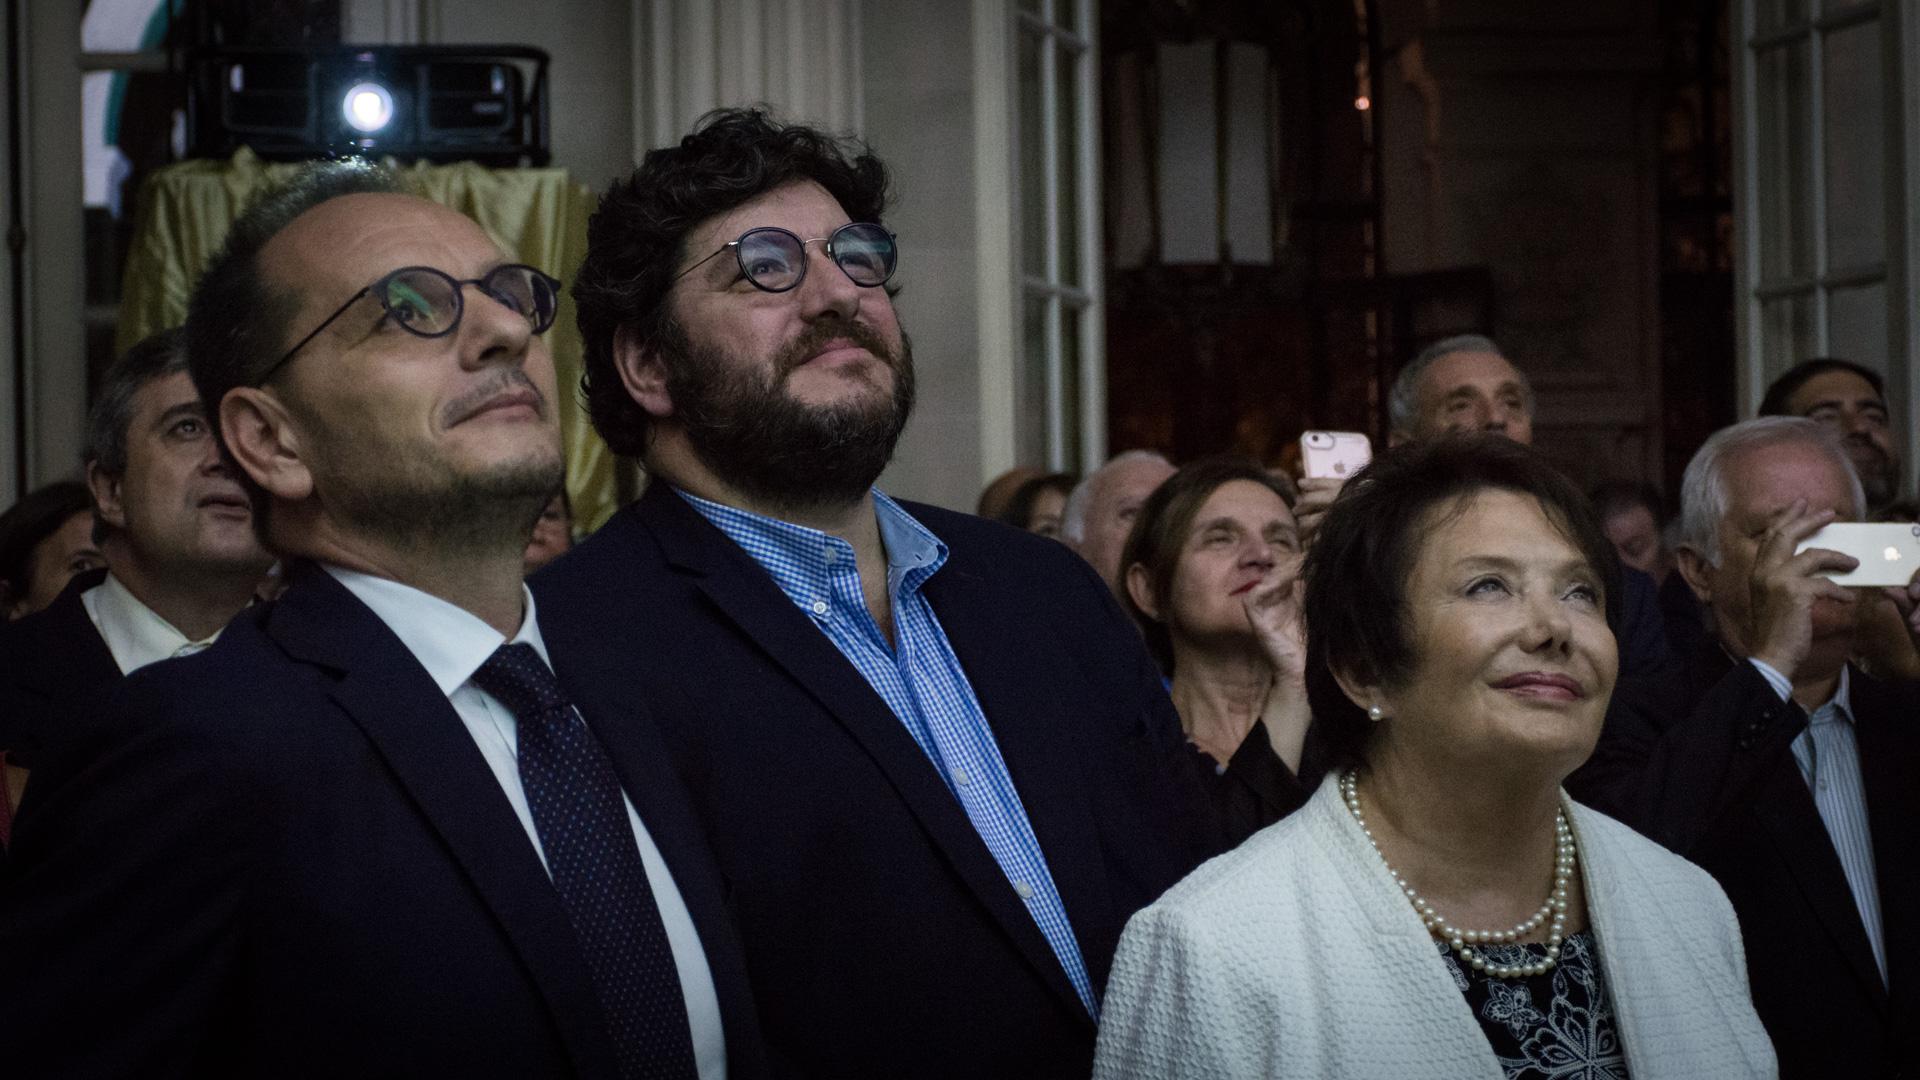 El proyecto se extenderá hasta 2019 y busca poner el foco en la innovación de las artes escénicas italianas